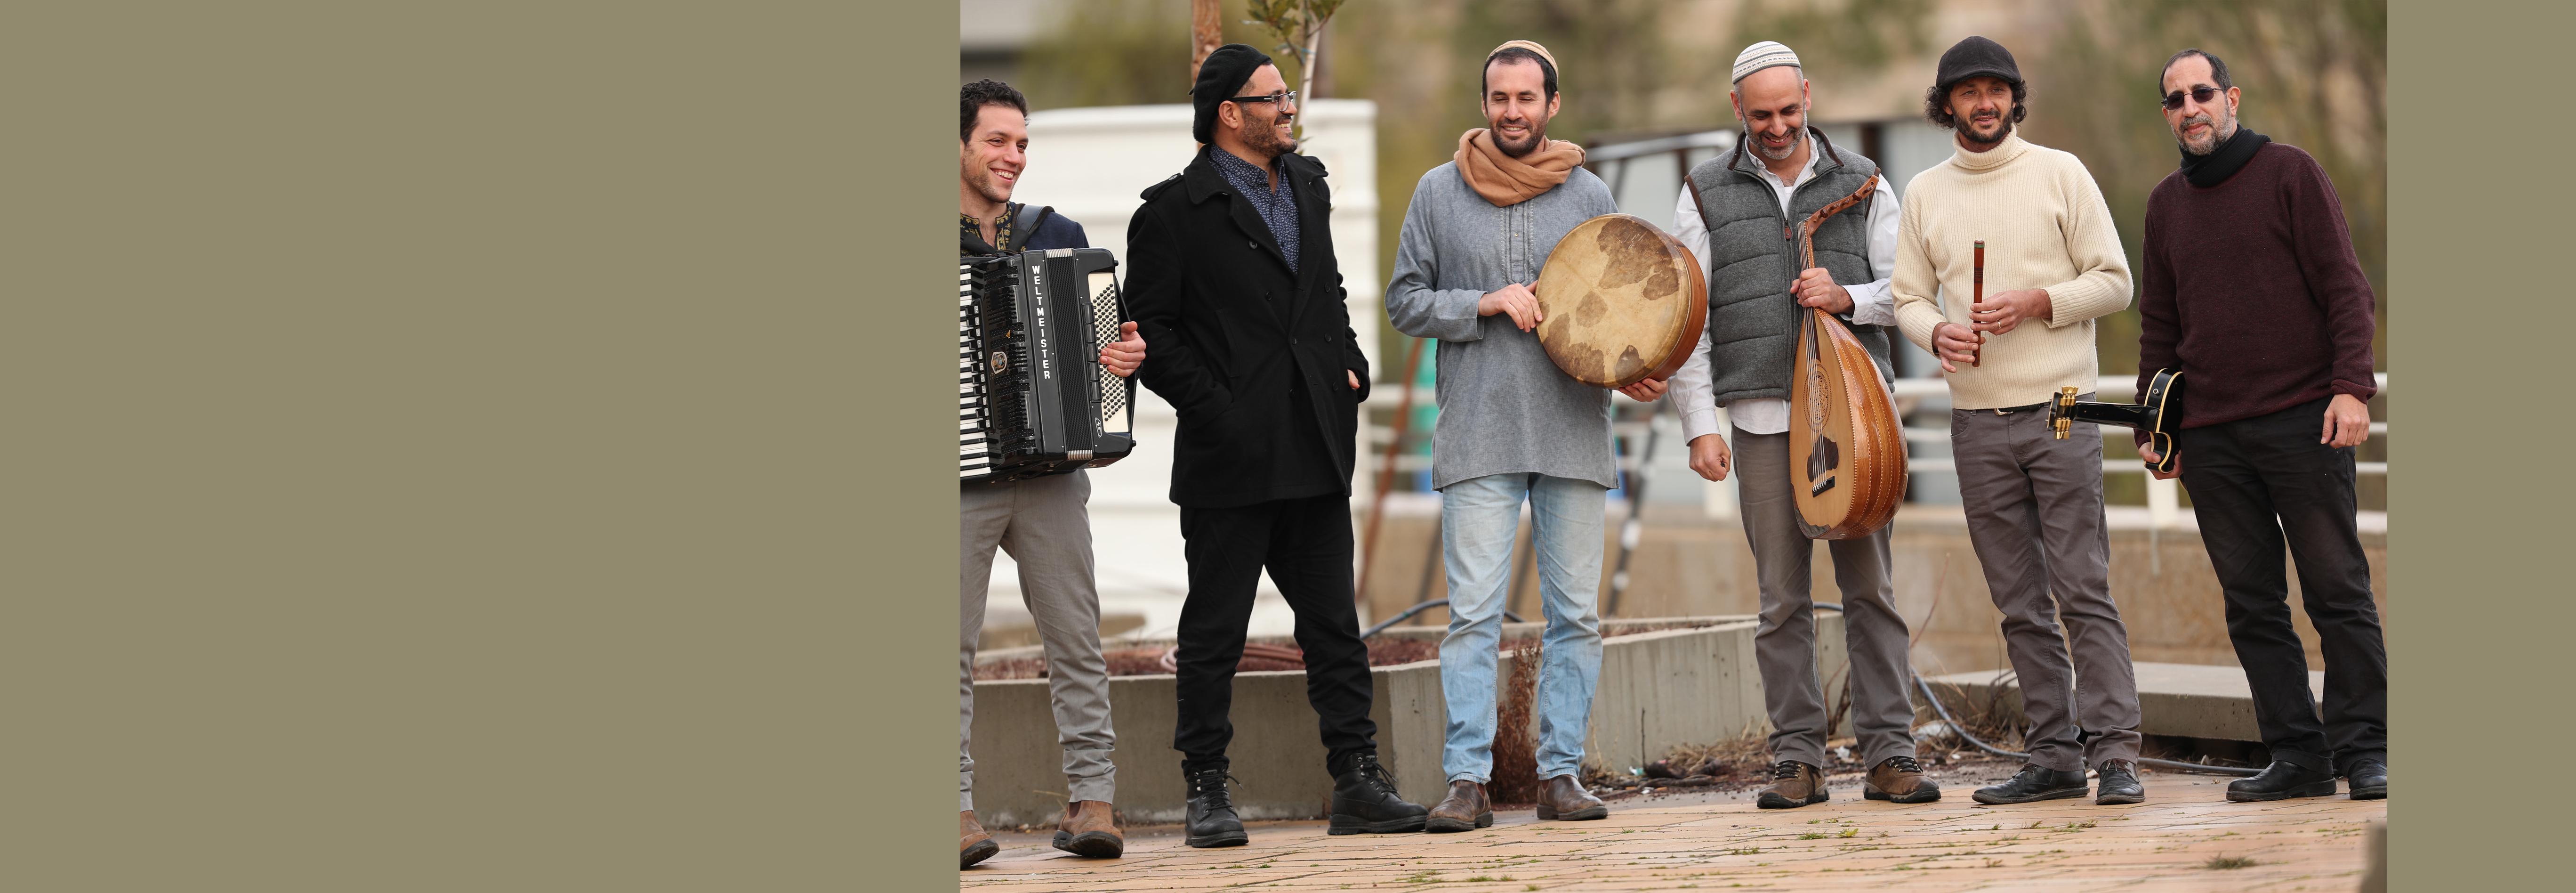 מתוניסיה לירושלים | אנסמבל ארז נטף